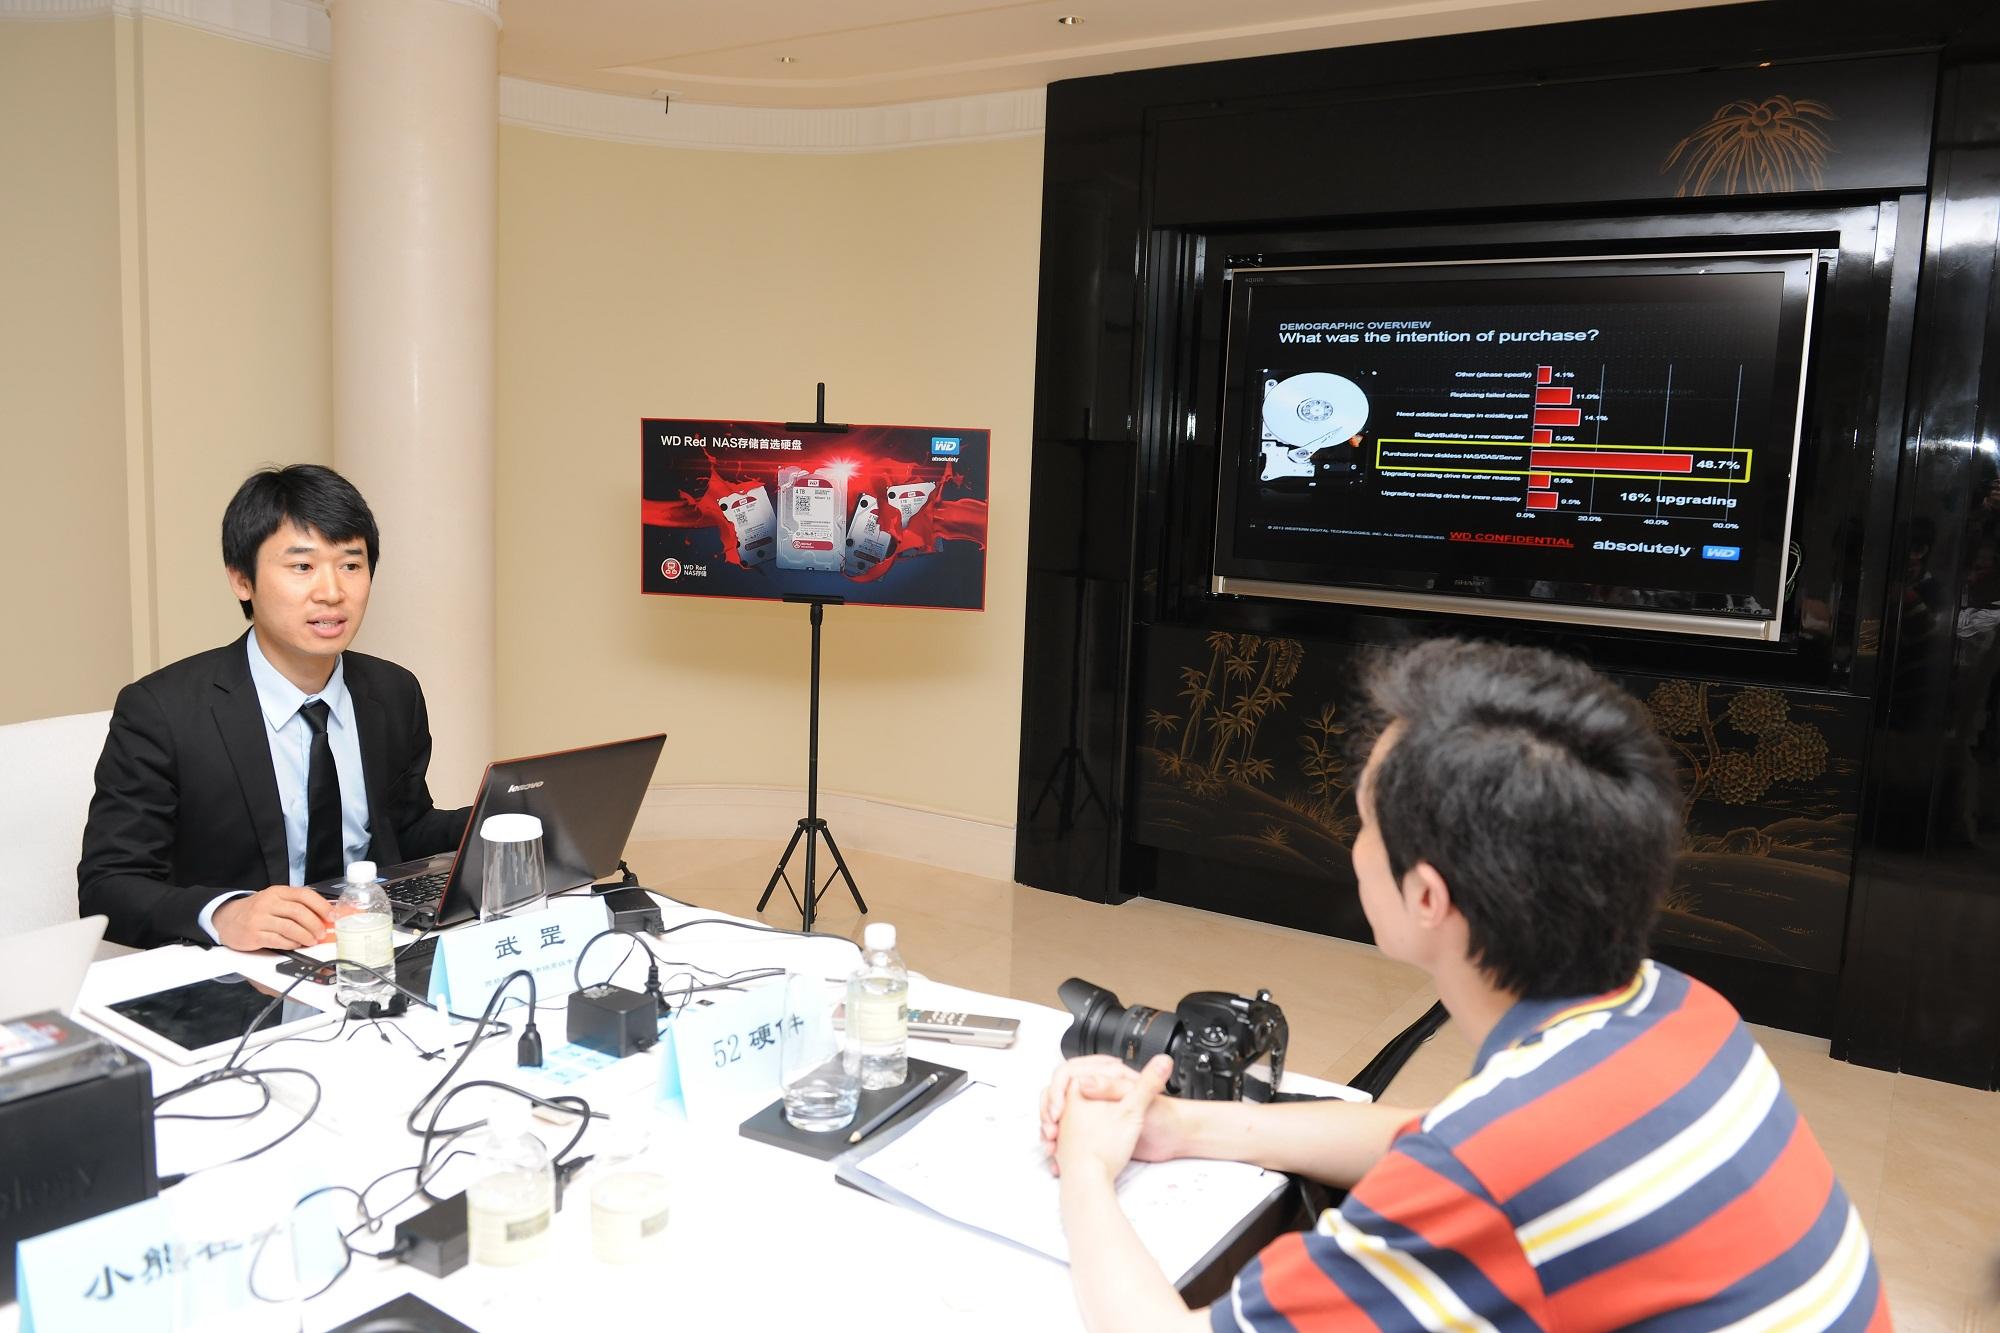 西部数据渠道市场高级专员 武罡与记者探讨技术细节.jpg